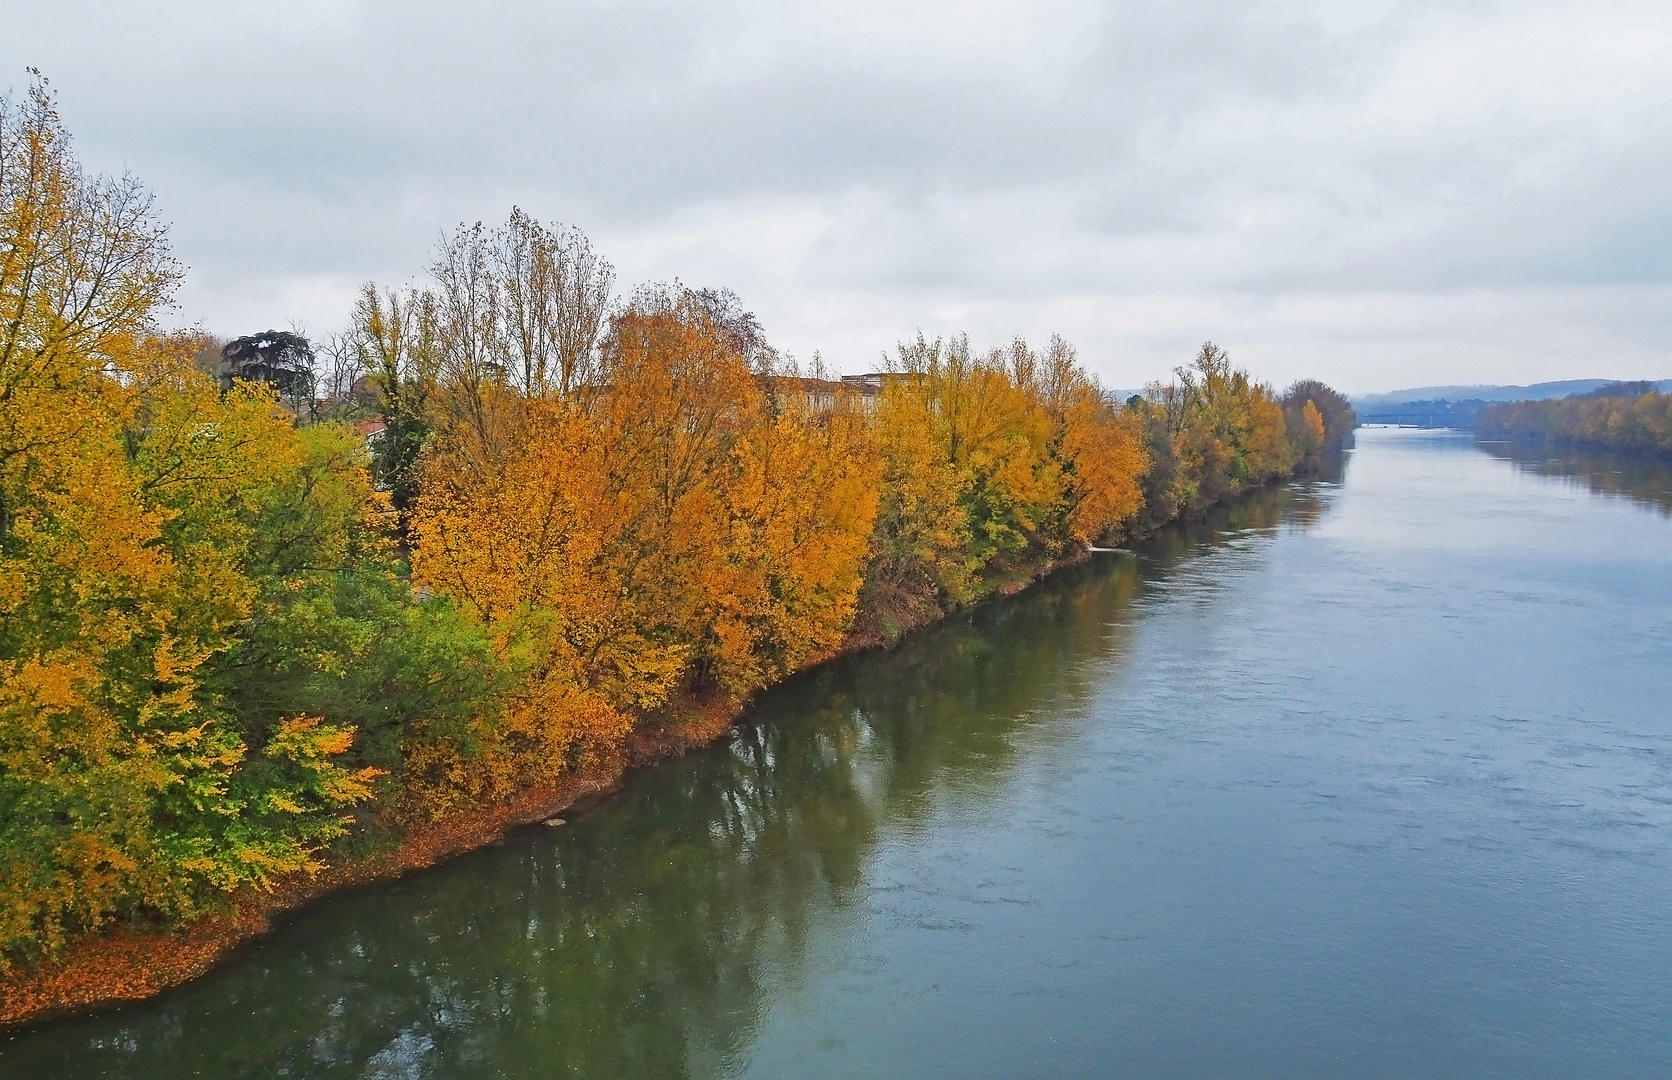 Rive gauche de la Garonne à Agen